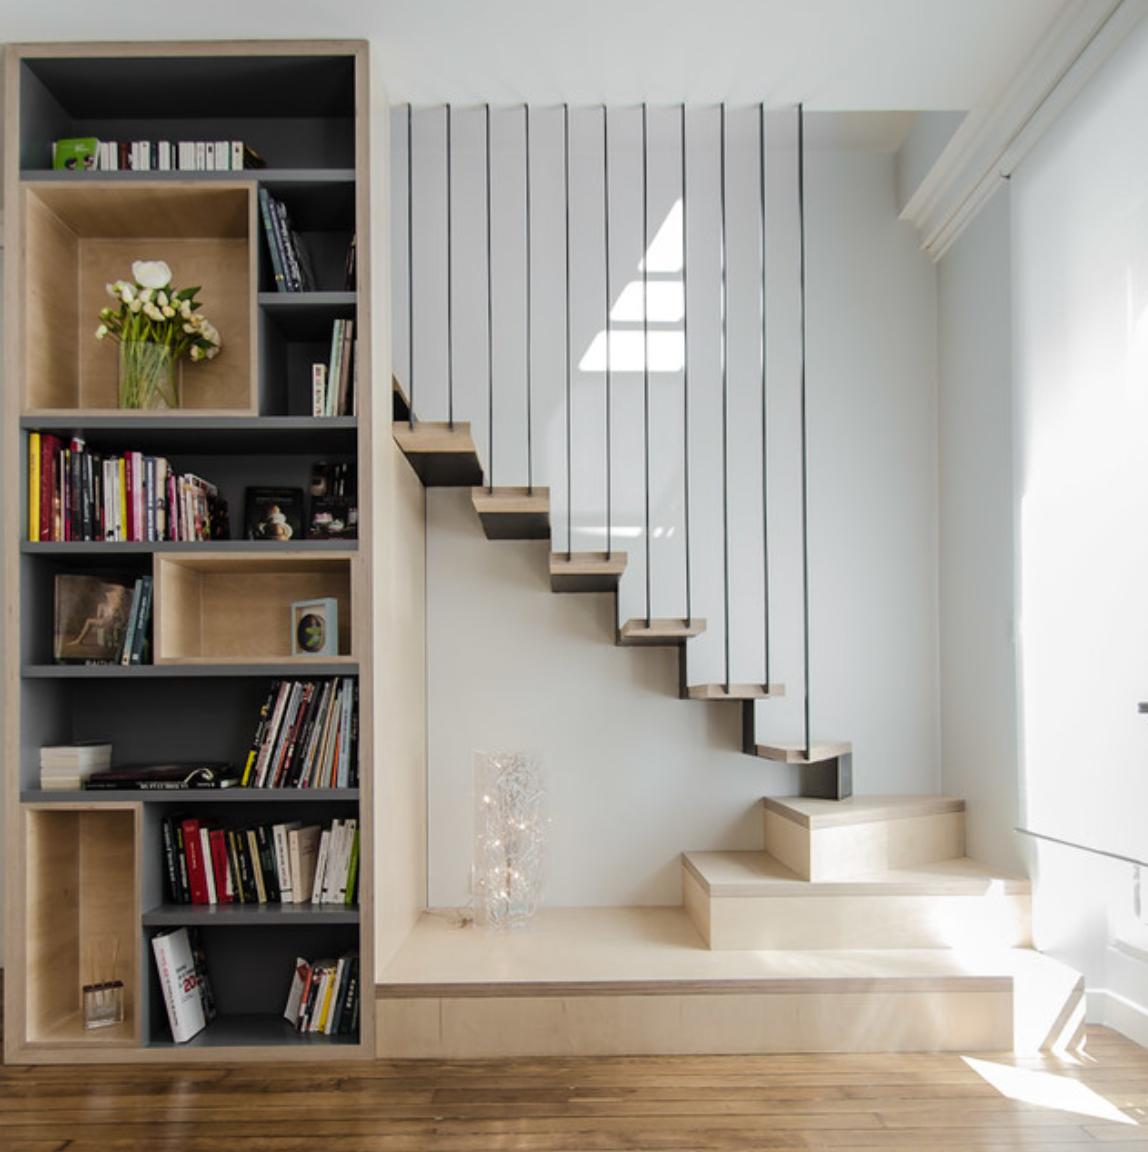 Déco Cage Escalier 50 Intérieurs Modernes Et Contemporains: Épinglé Par Victoria Fernandez Jiménez Sur DISEÑOS DE